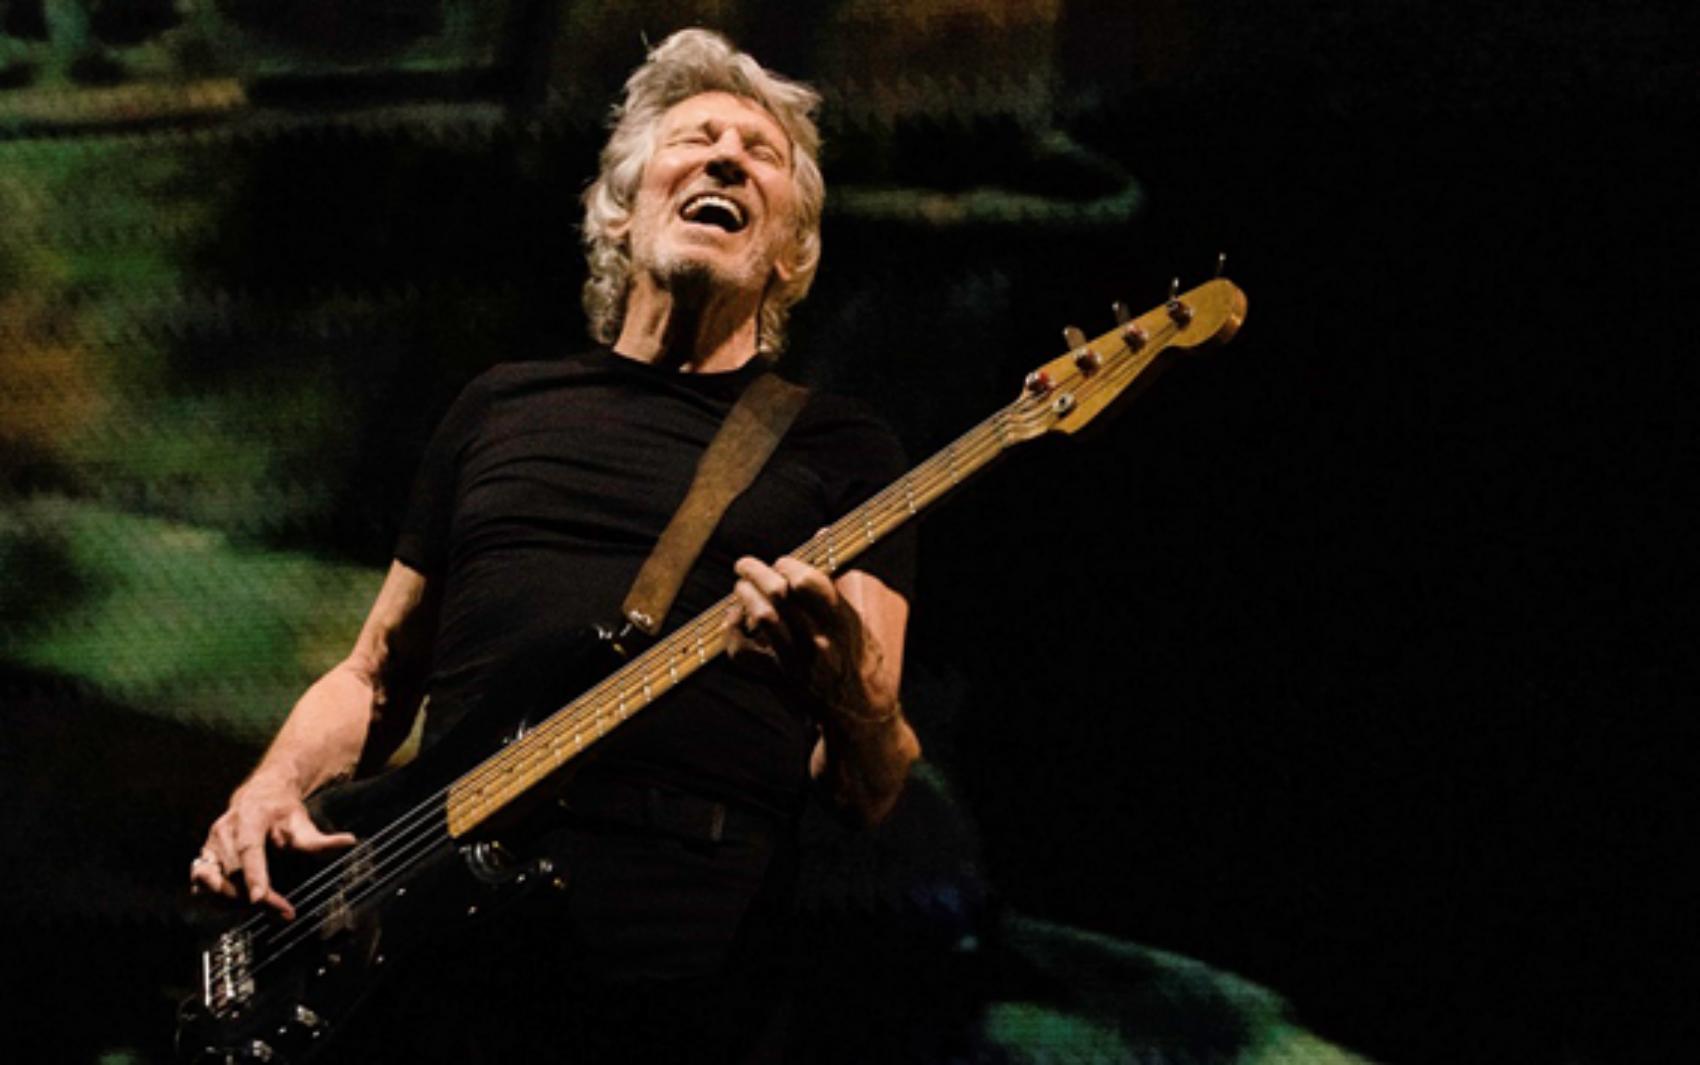 Ingressos para show de Roger Waters, ex-Pink Floyd, começam a ser vendidos em Salvador